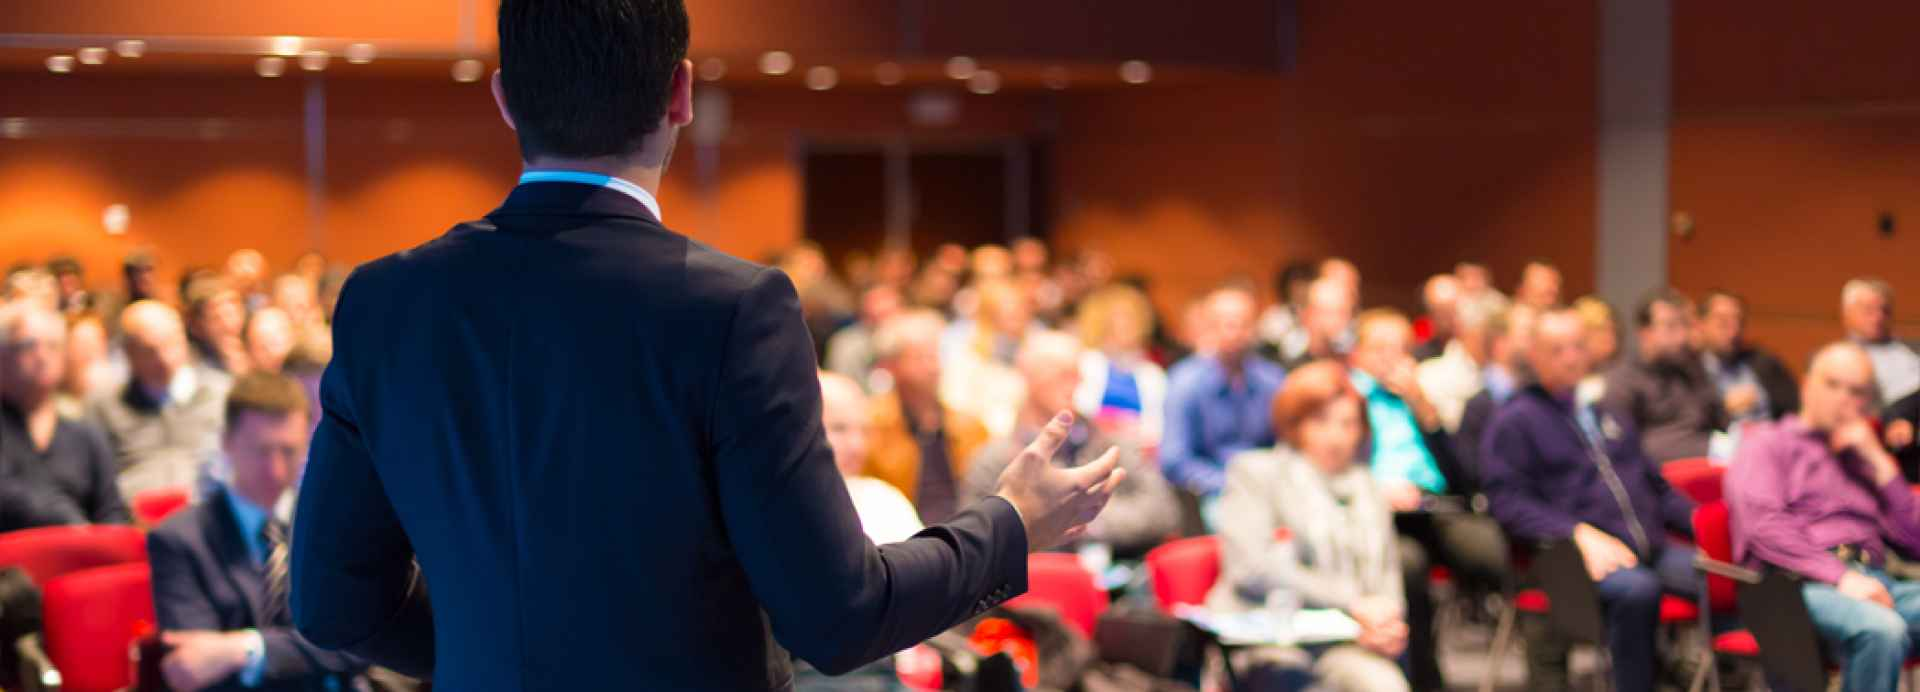 Ballroom Speaker Event